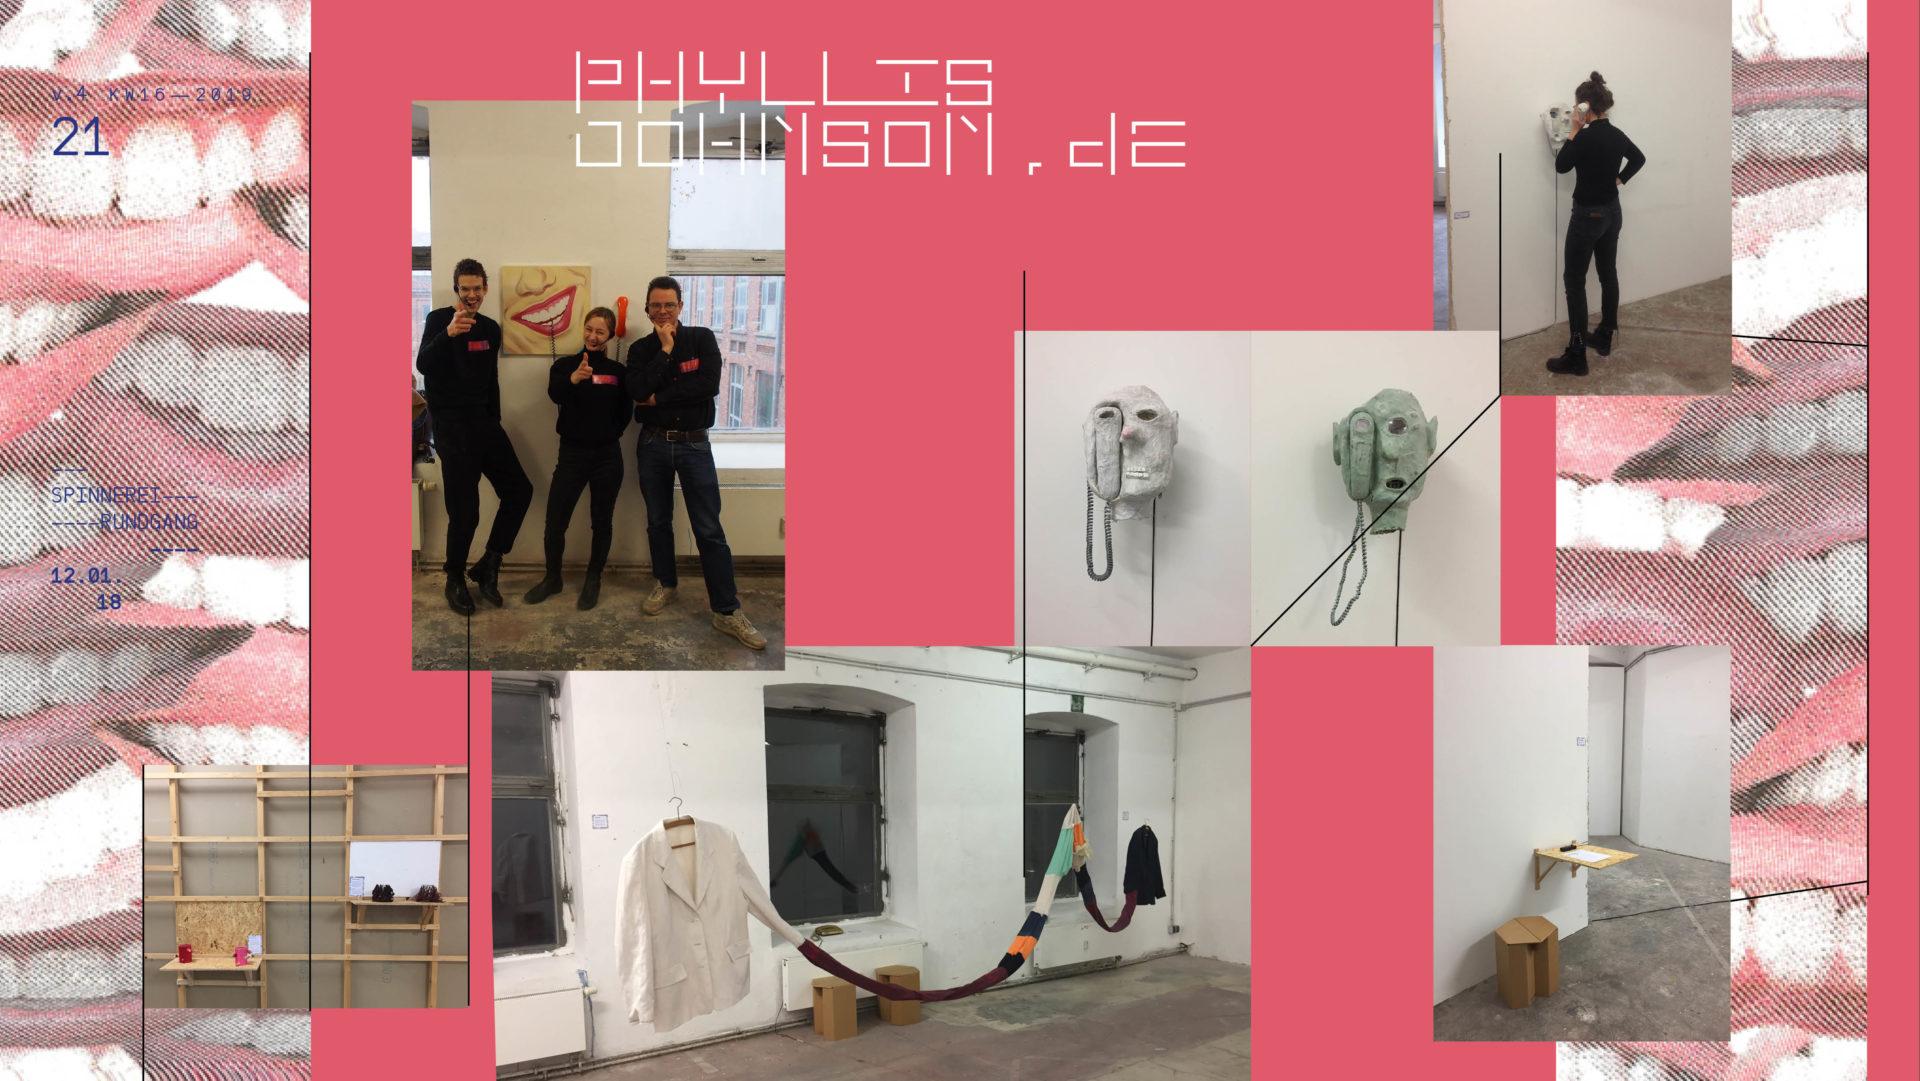 Exhibition 12.01.2018